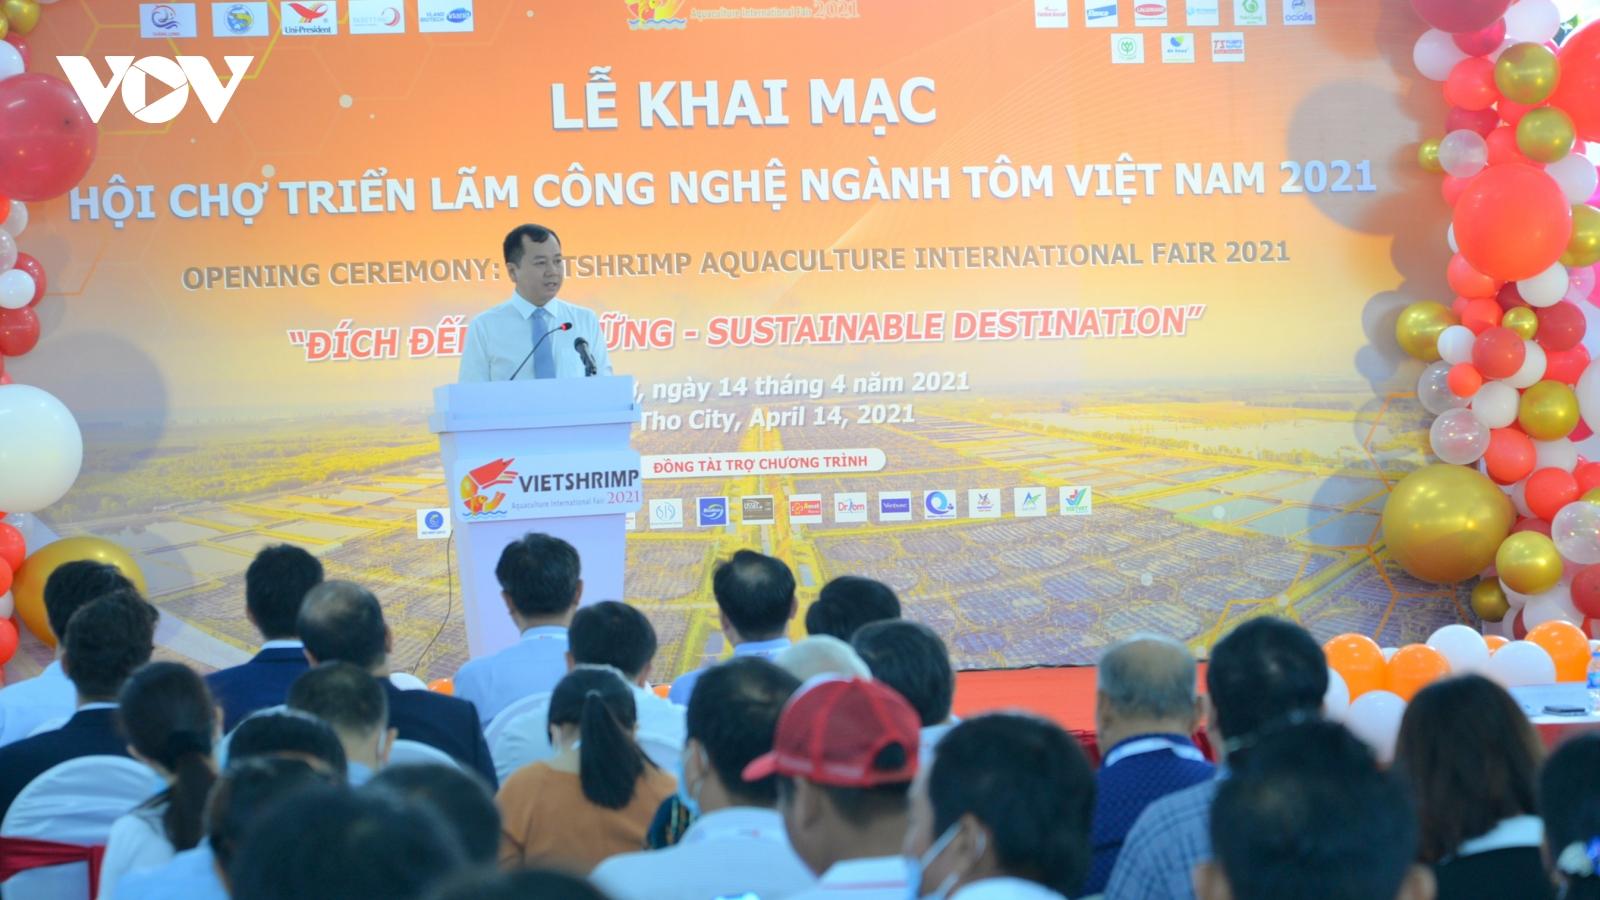 Xuất khẩu tôm Việt Nam đặt mục tiêu đạt 4 tỷ USD năm 2021